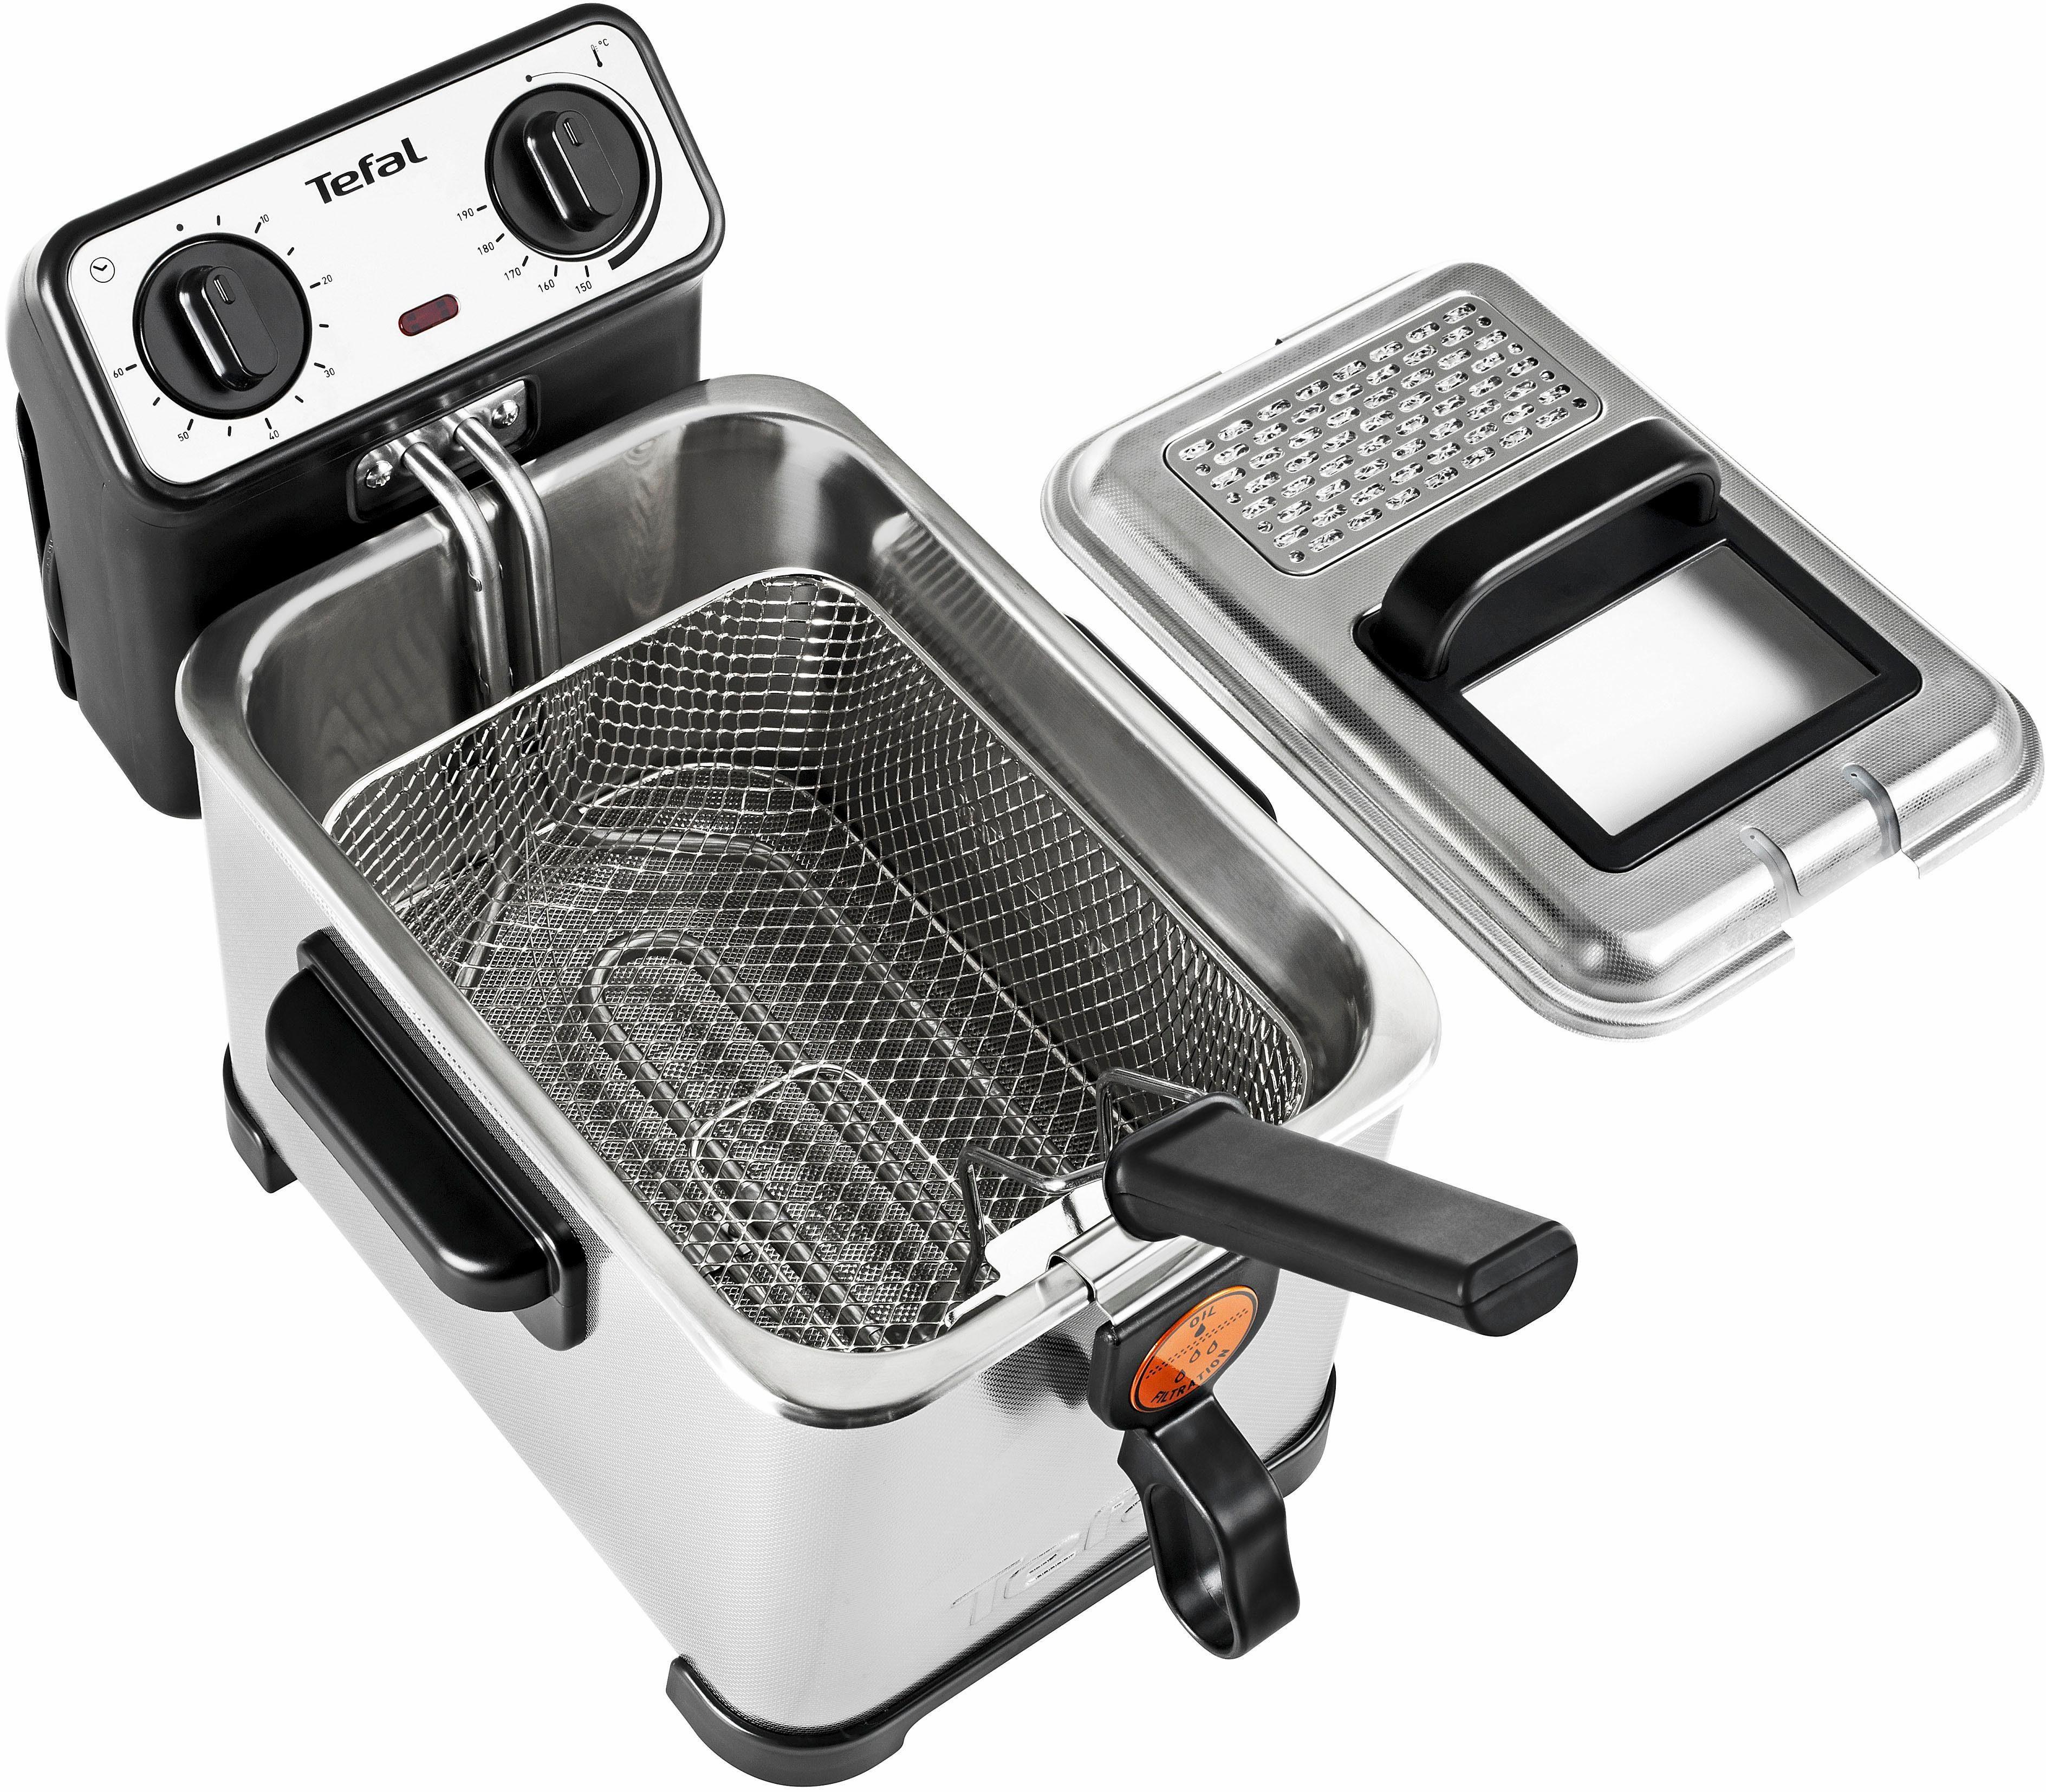 Tefal Fritteuse »Filtra Pro Inox & Design FR4046«, 3 Liter, 2300 Watt